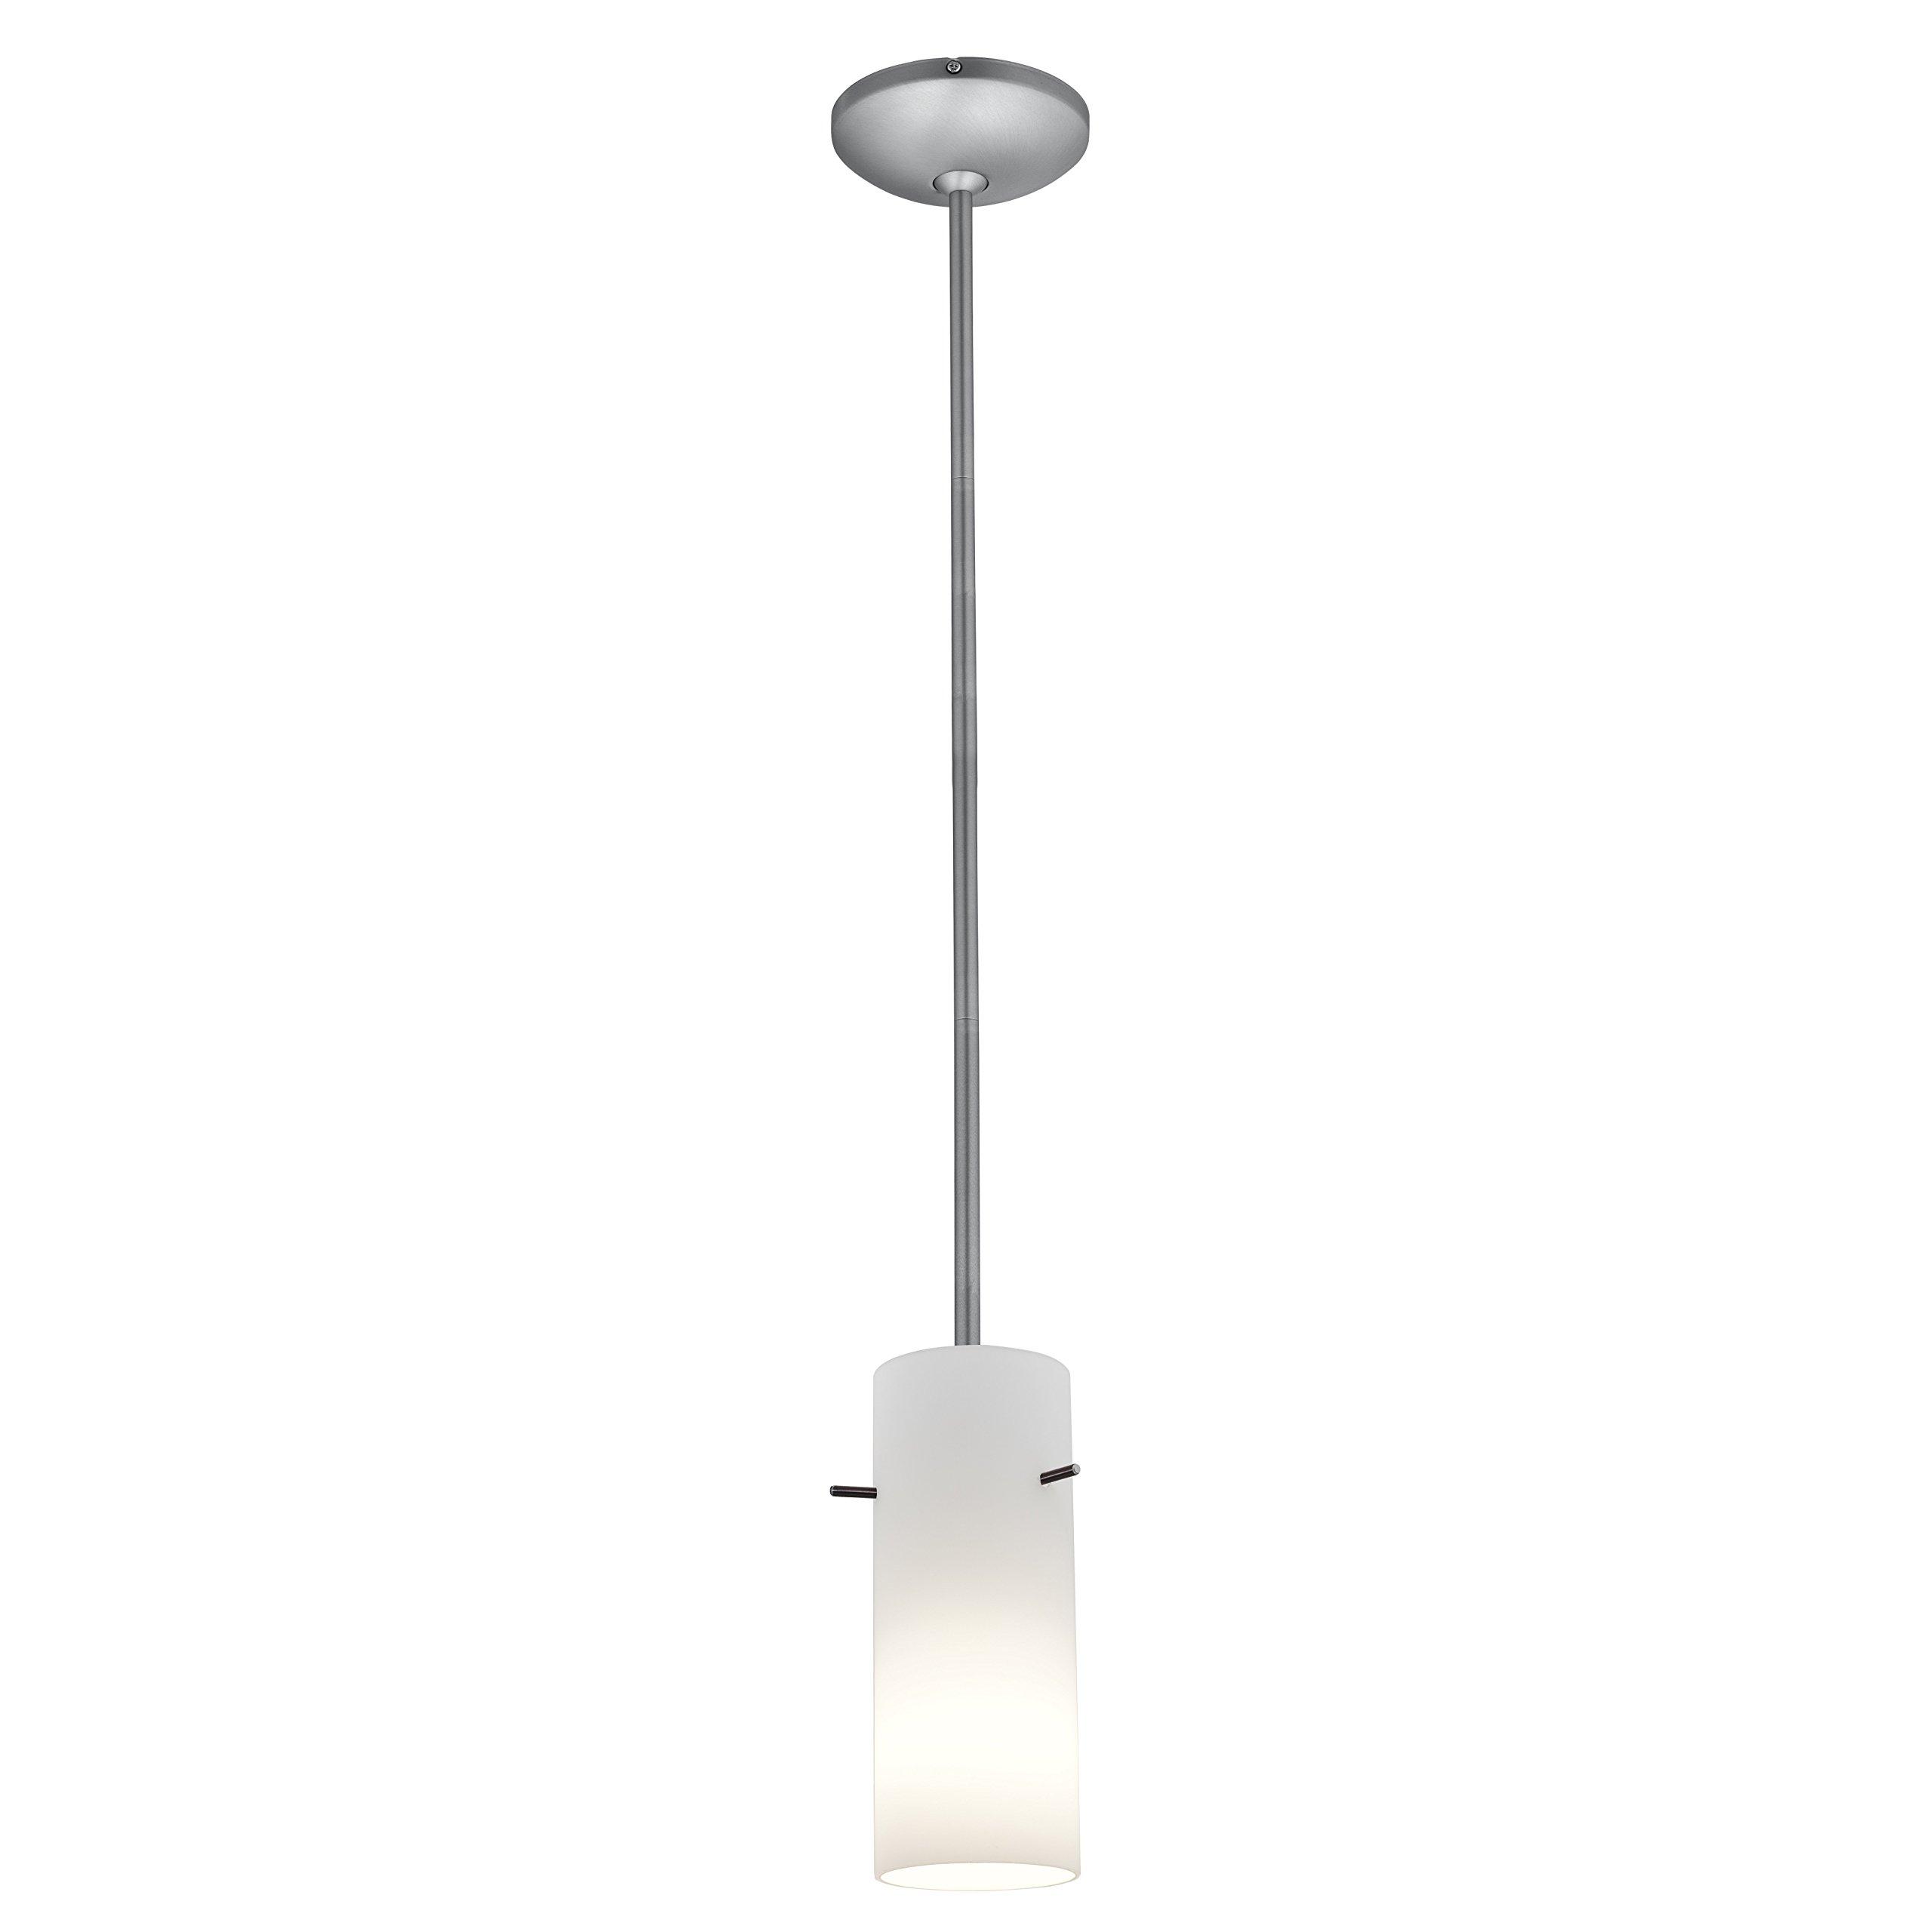 Cylinder - E26 LED Rod Pendant - Brushed Steel Finish - Opal Glass Shade